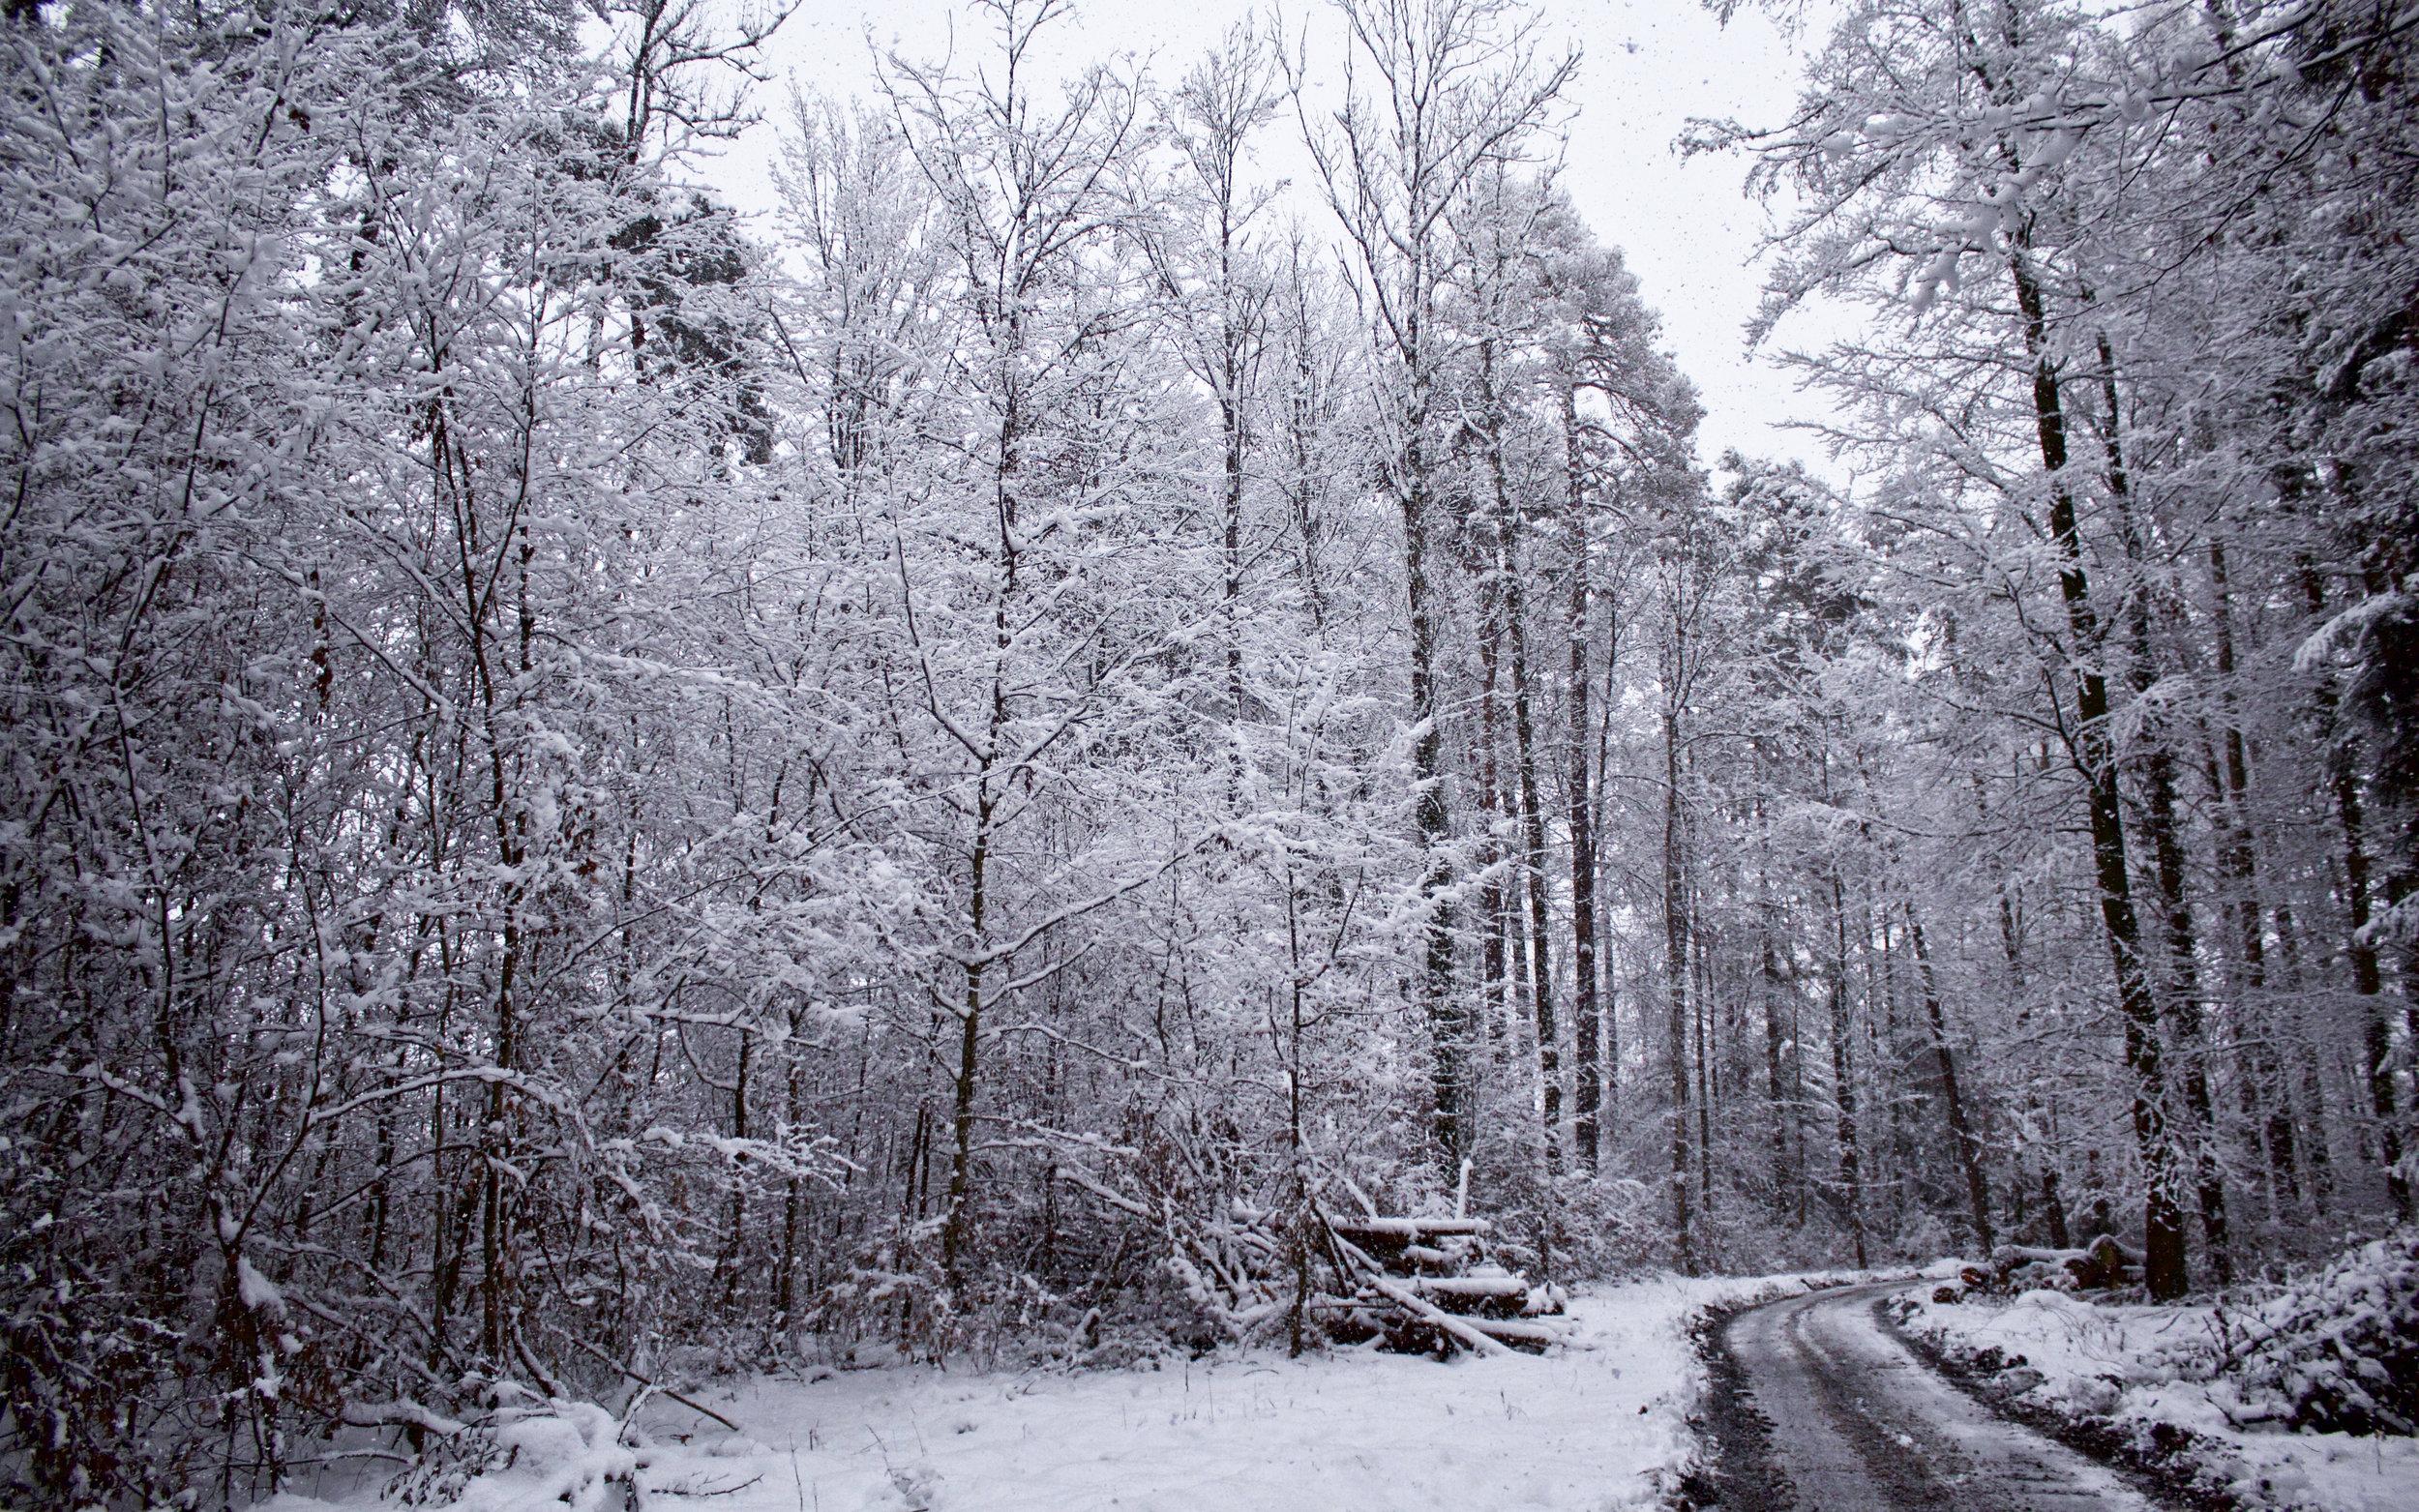 8x5 snowy forest.jpg